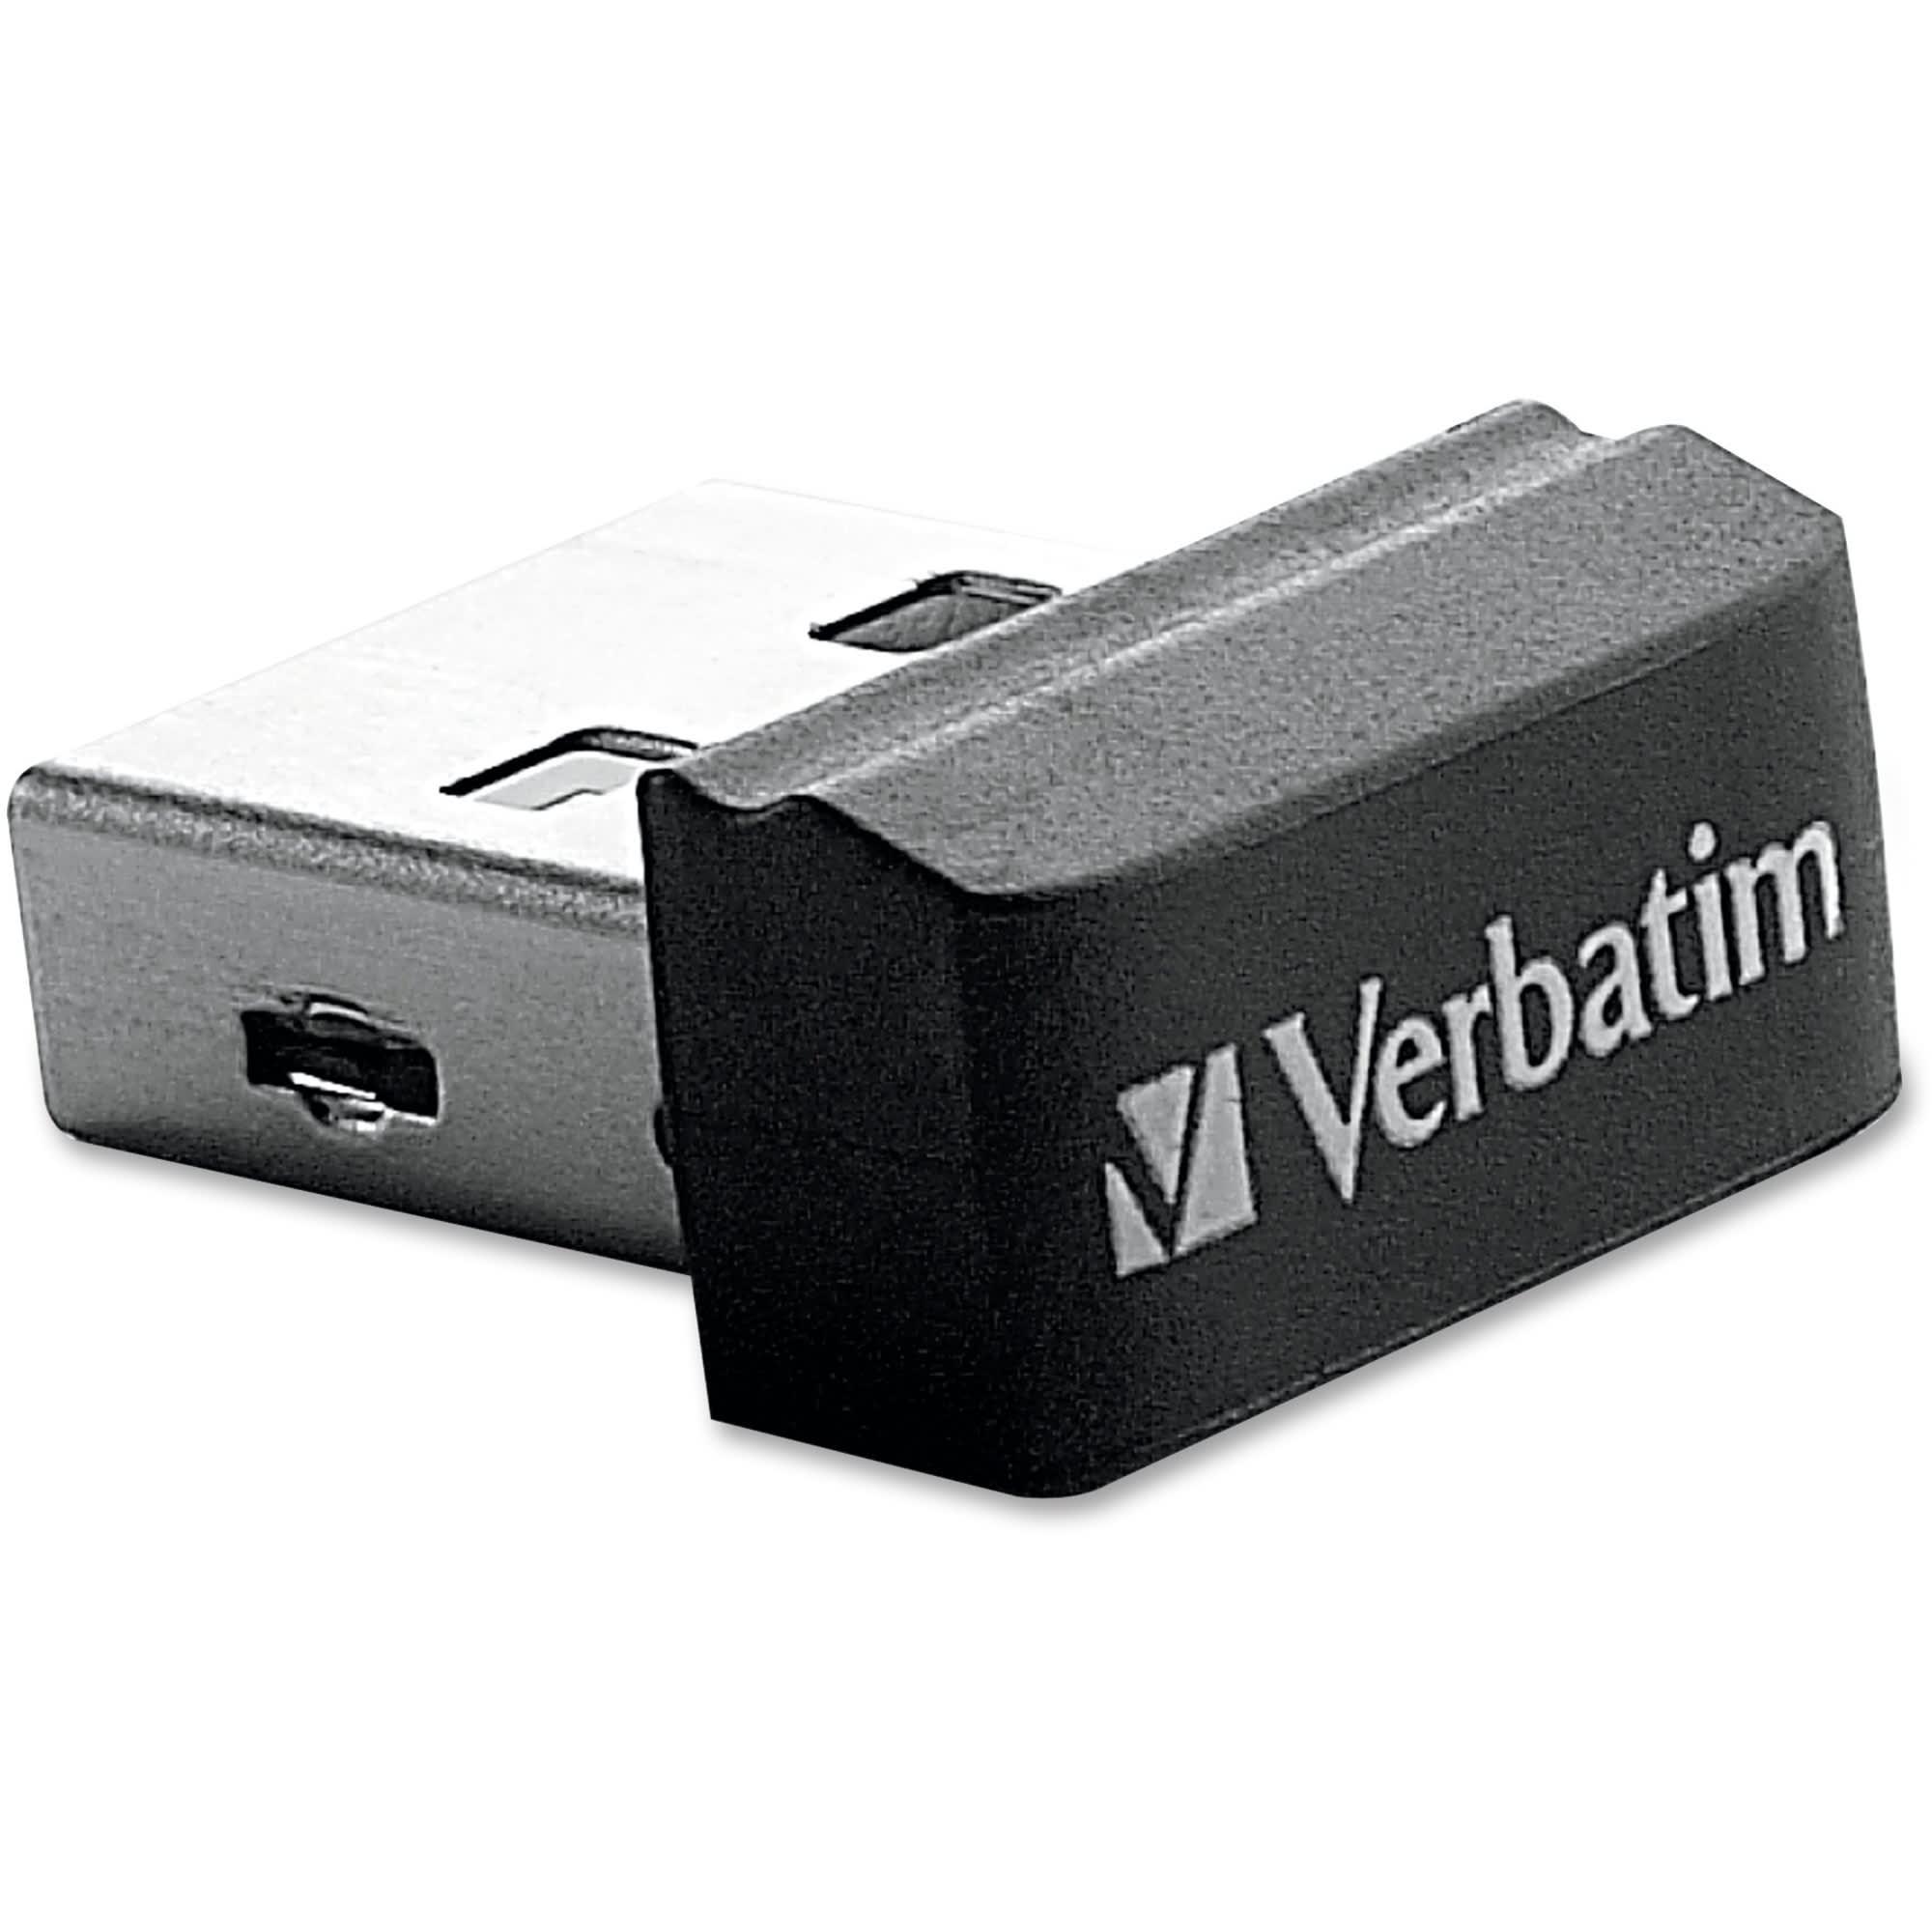 Verbatim 97464 Store 'n' Stay 16GB USB 2.0 Flash Drive Black